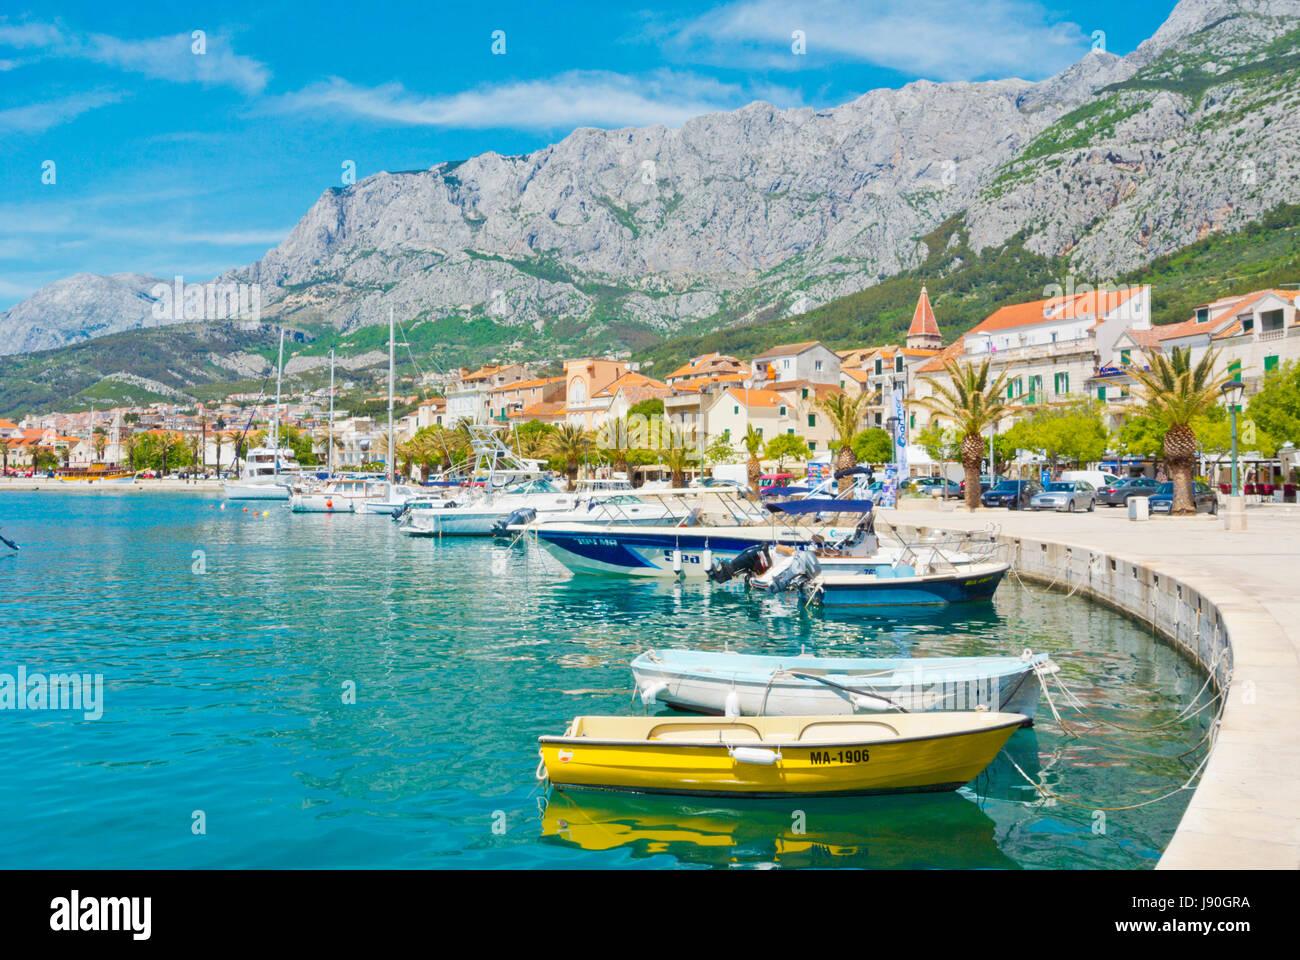 Marineta, seaside promenade, Makarska, Dalmatia, Croatia - Stock Image